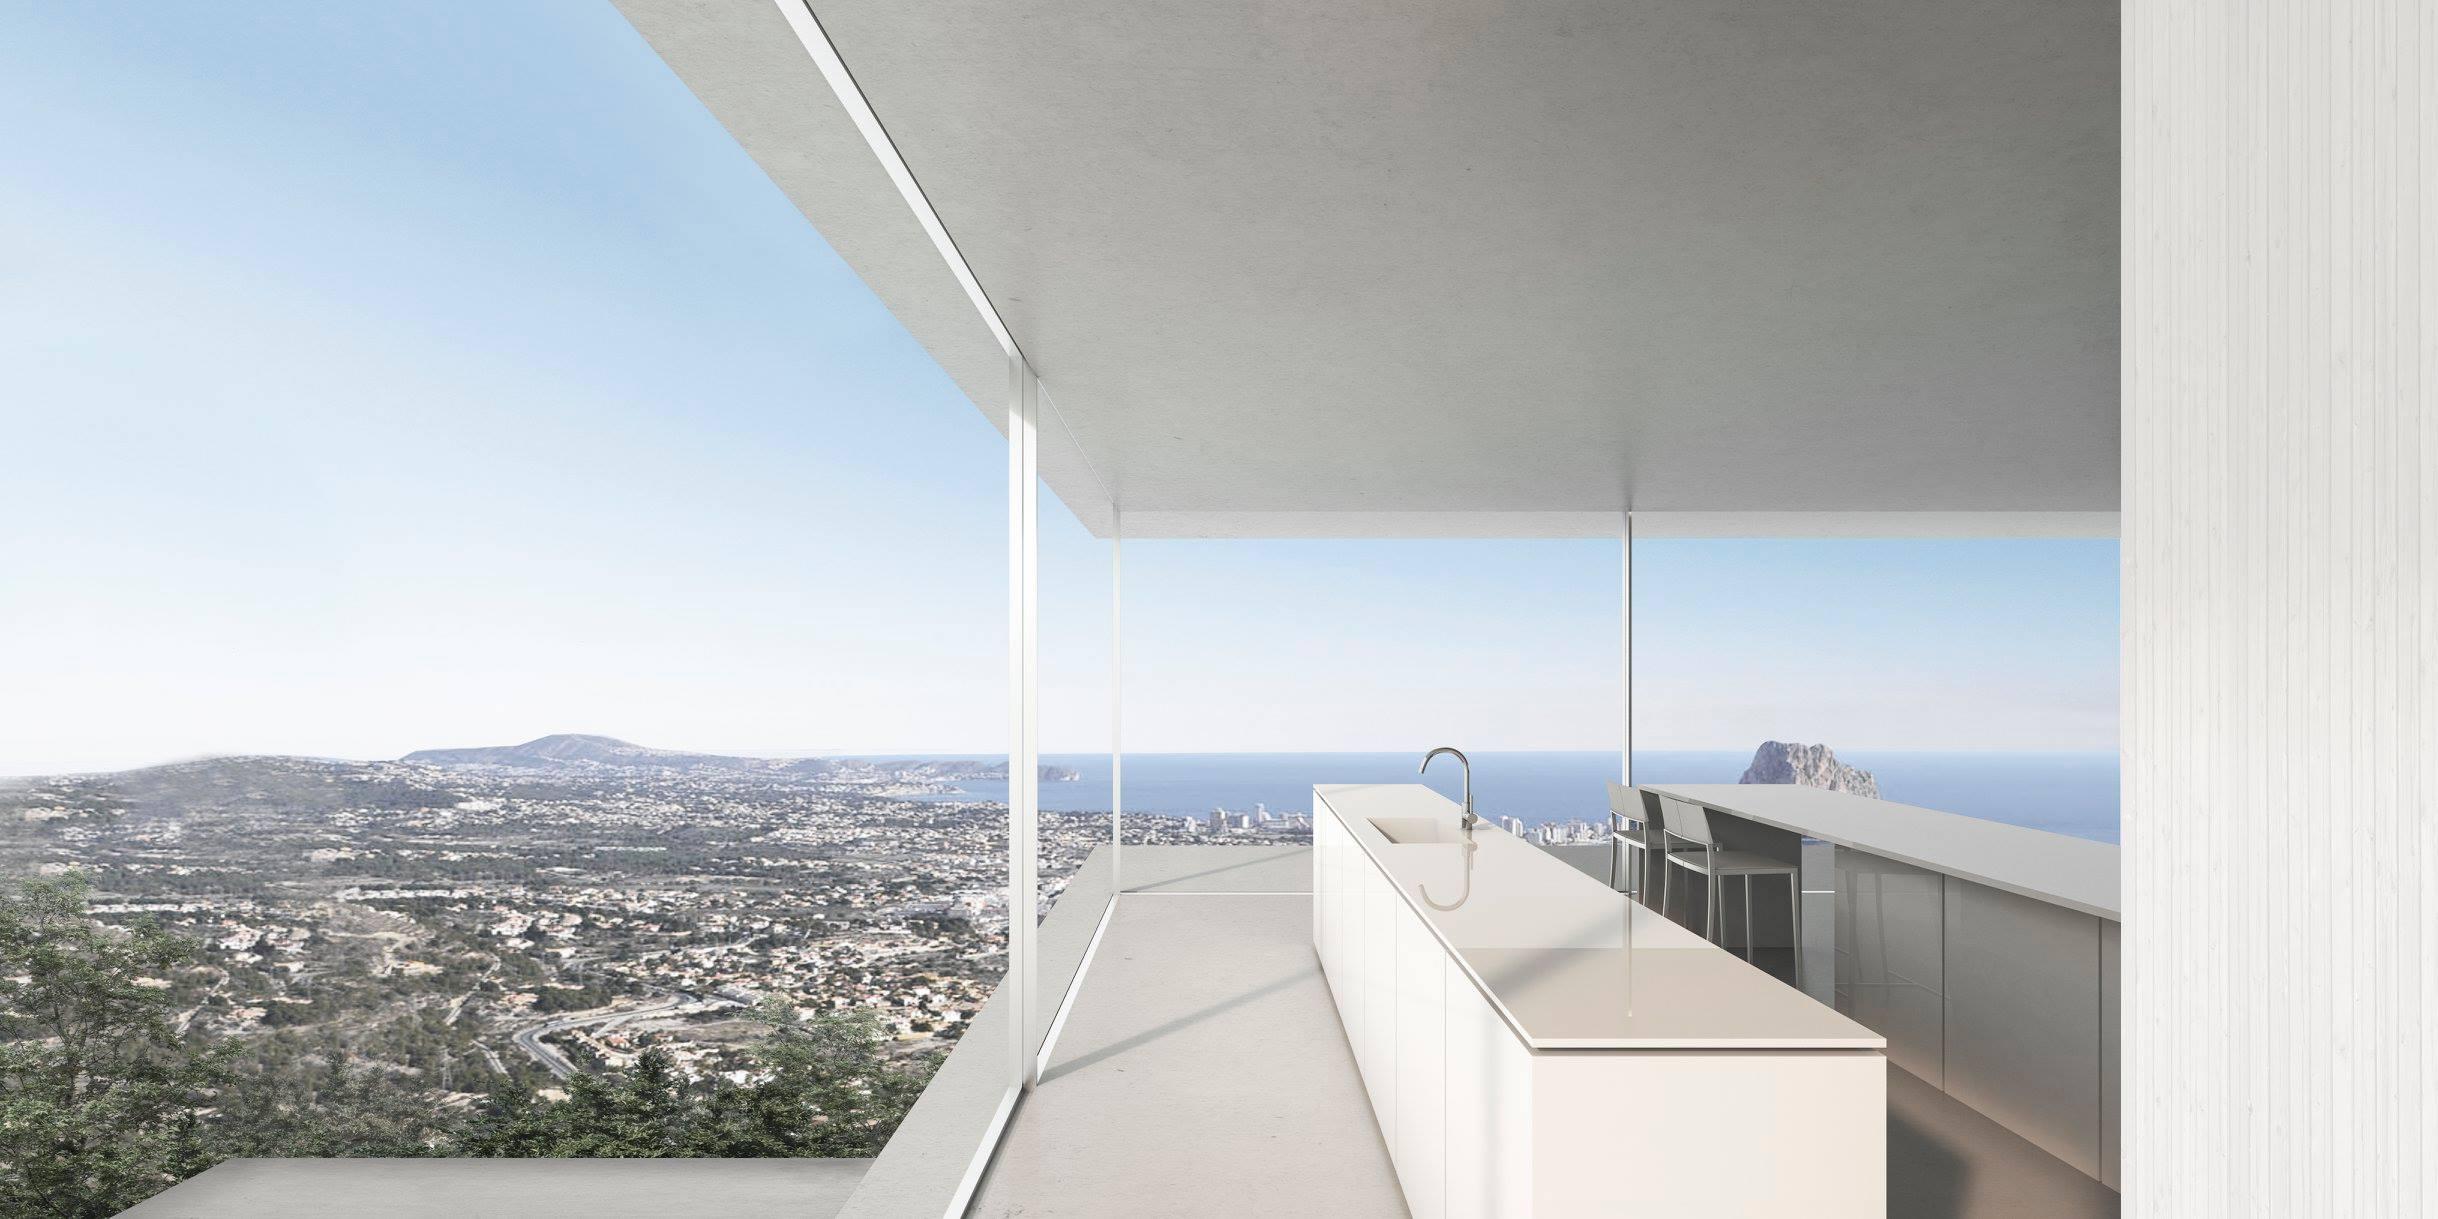 Diseño de interiores: Fran Silvestre Arquitectos una empresa de lujo diseño de interiores Diseño de interiores: Fran Silvestre Arquitectos una empresa de lujo 57649295 2530733866950614 4579692768384778240 o